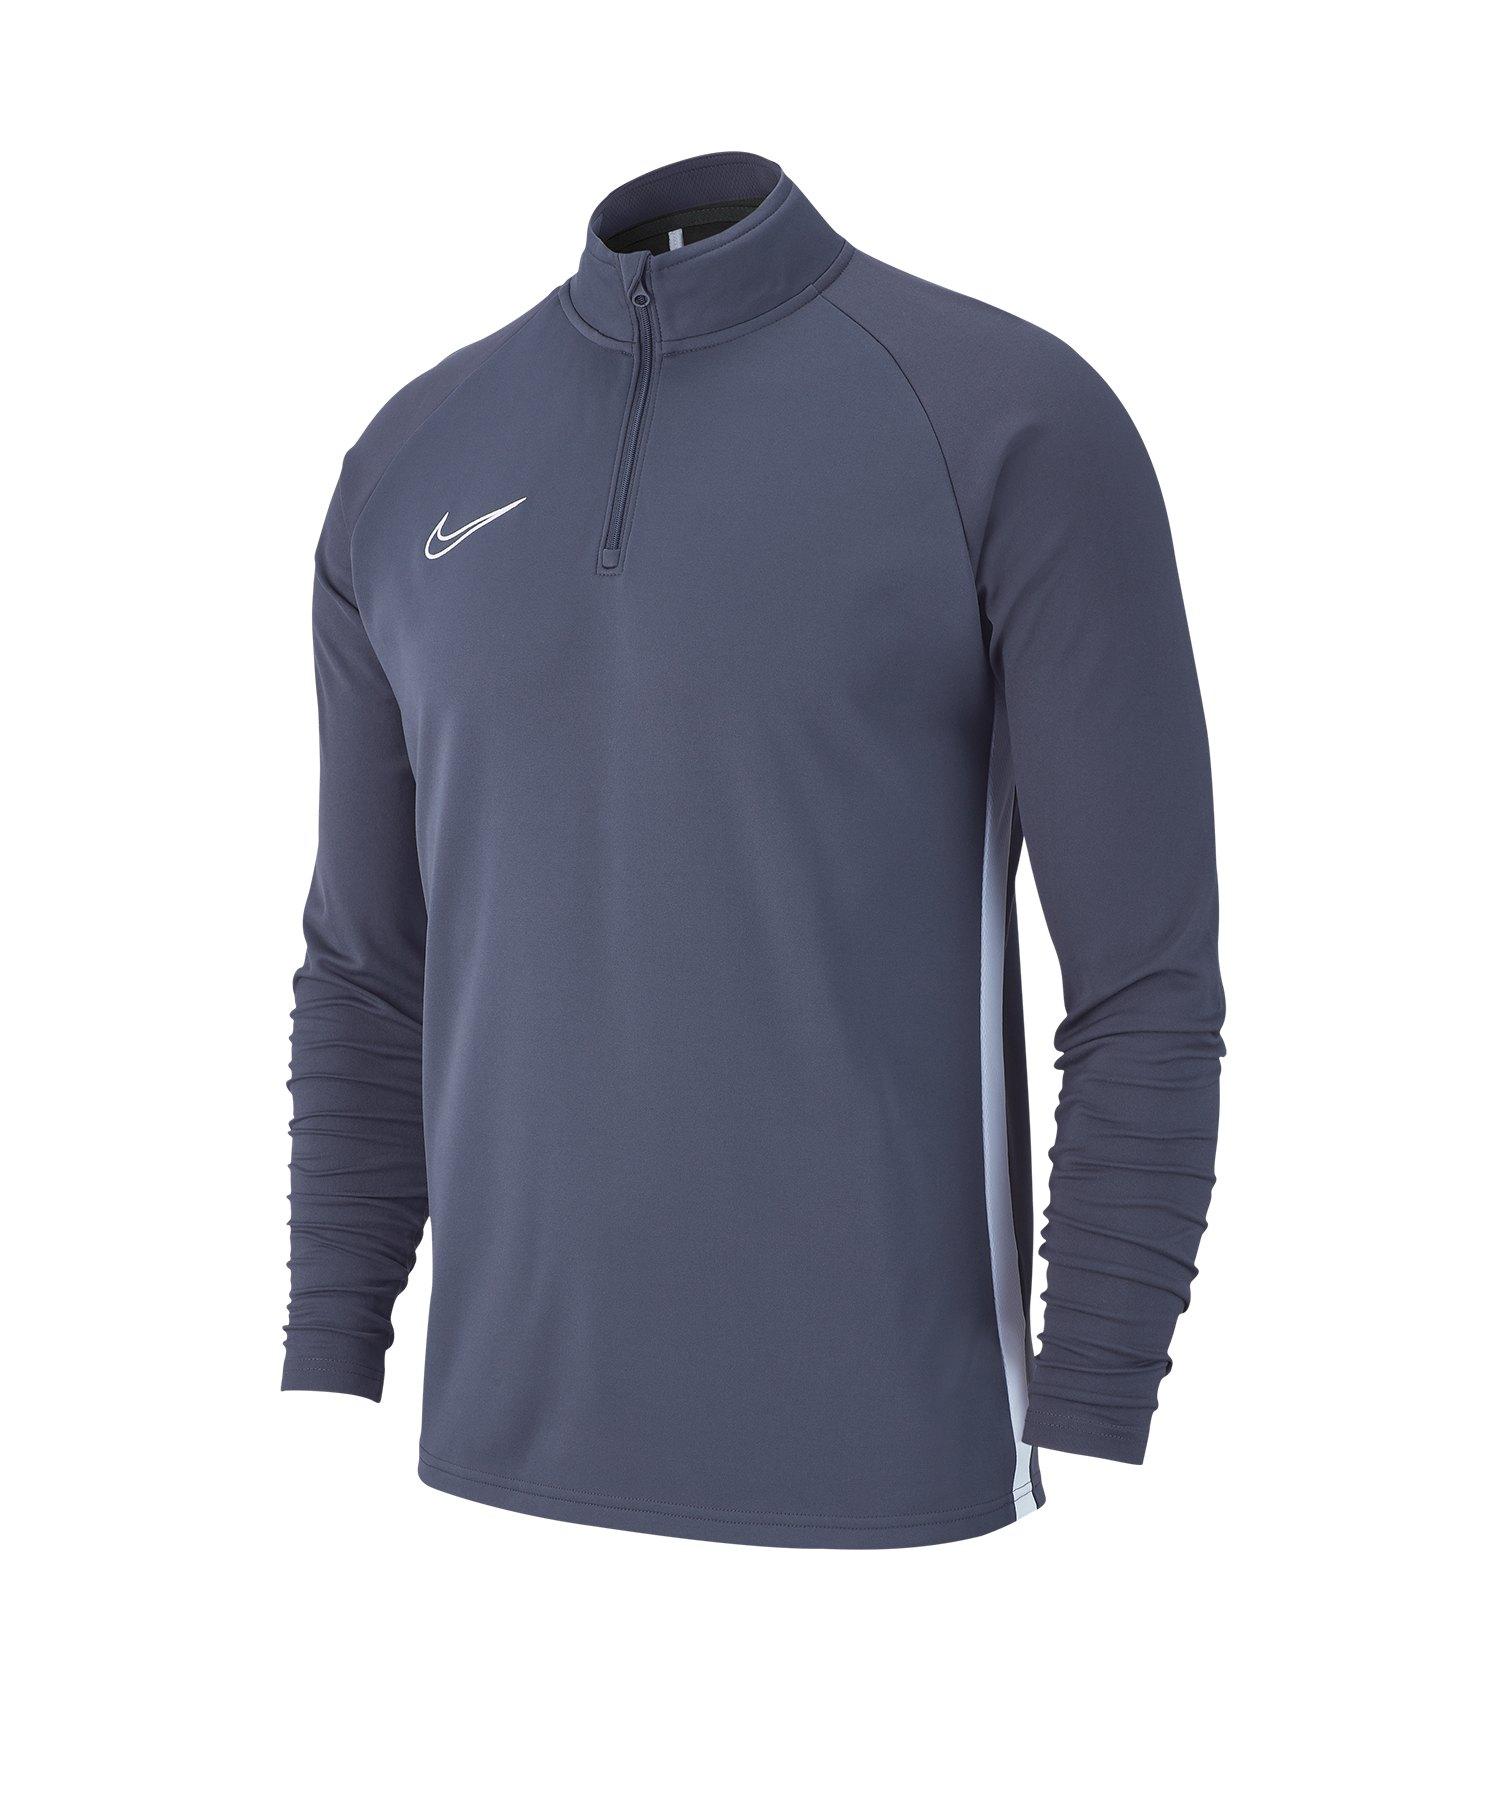 Nike Academy 19 Trainingshose (Mit Reißverschlusstaschen